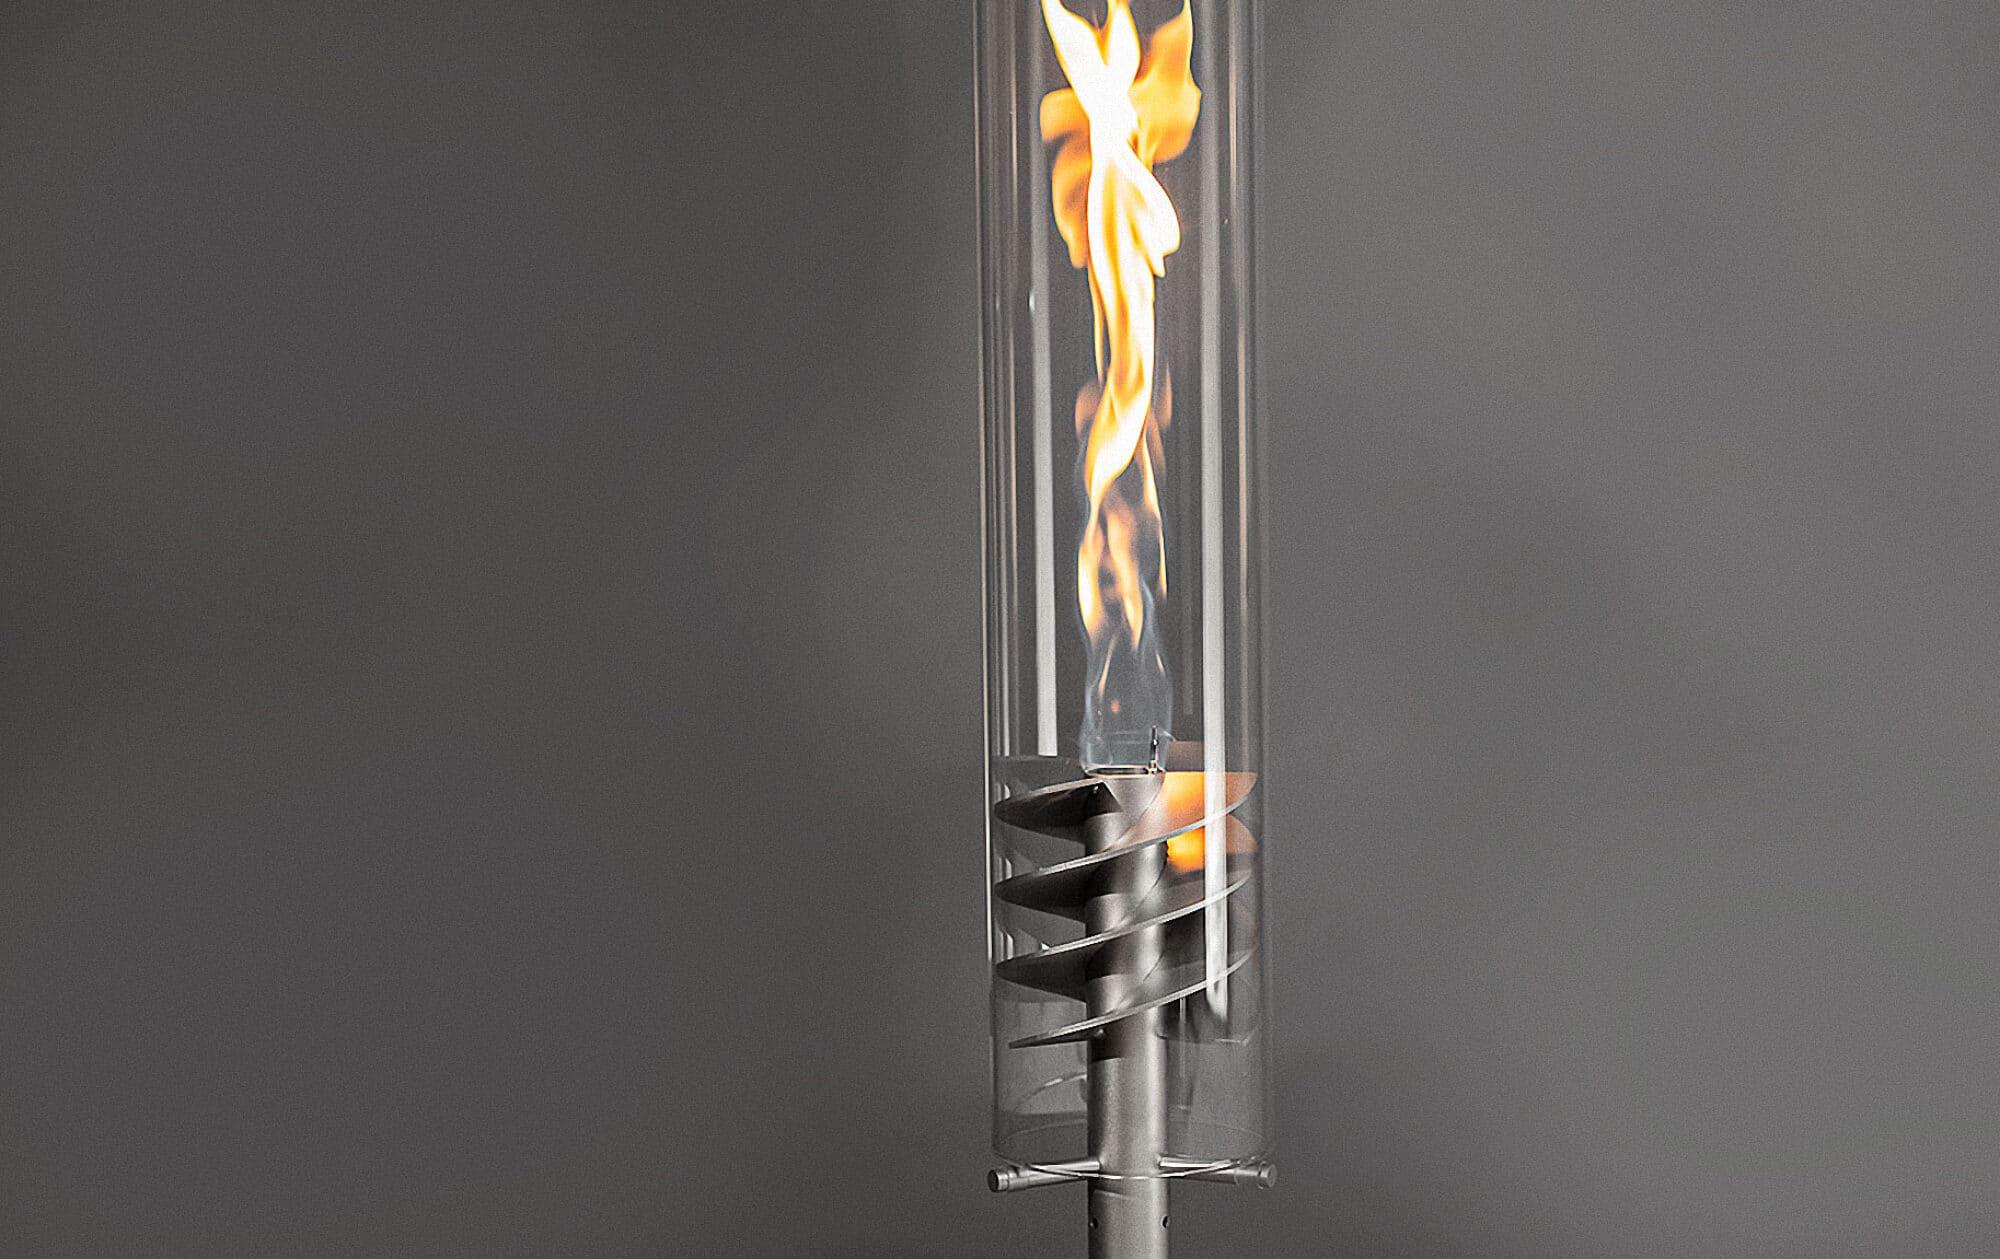 Pottbrenner Gasfackel mit Flamme